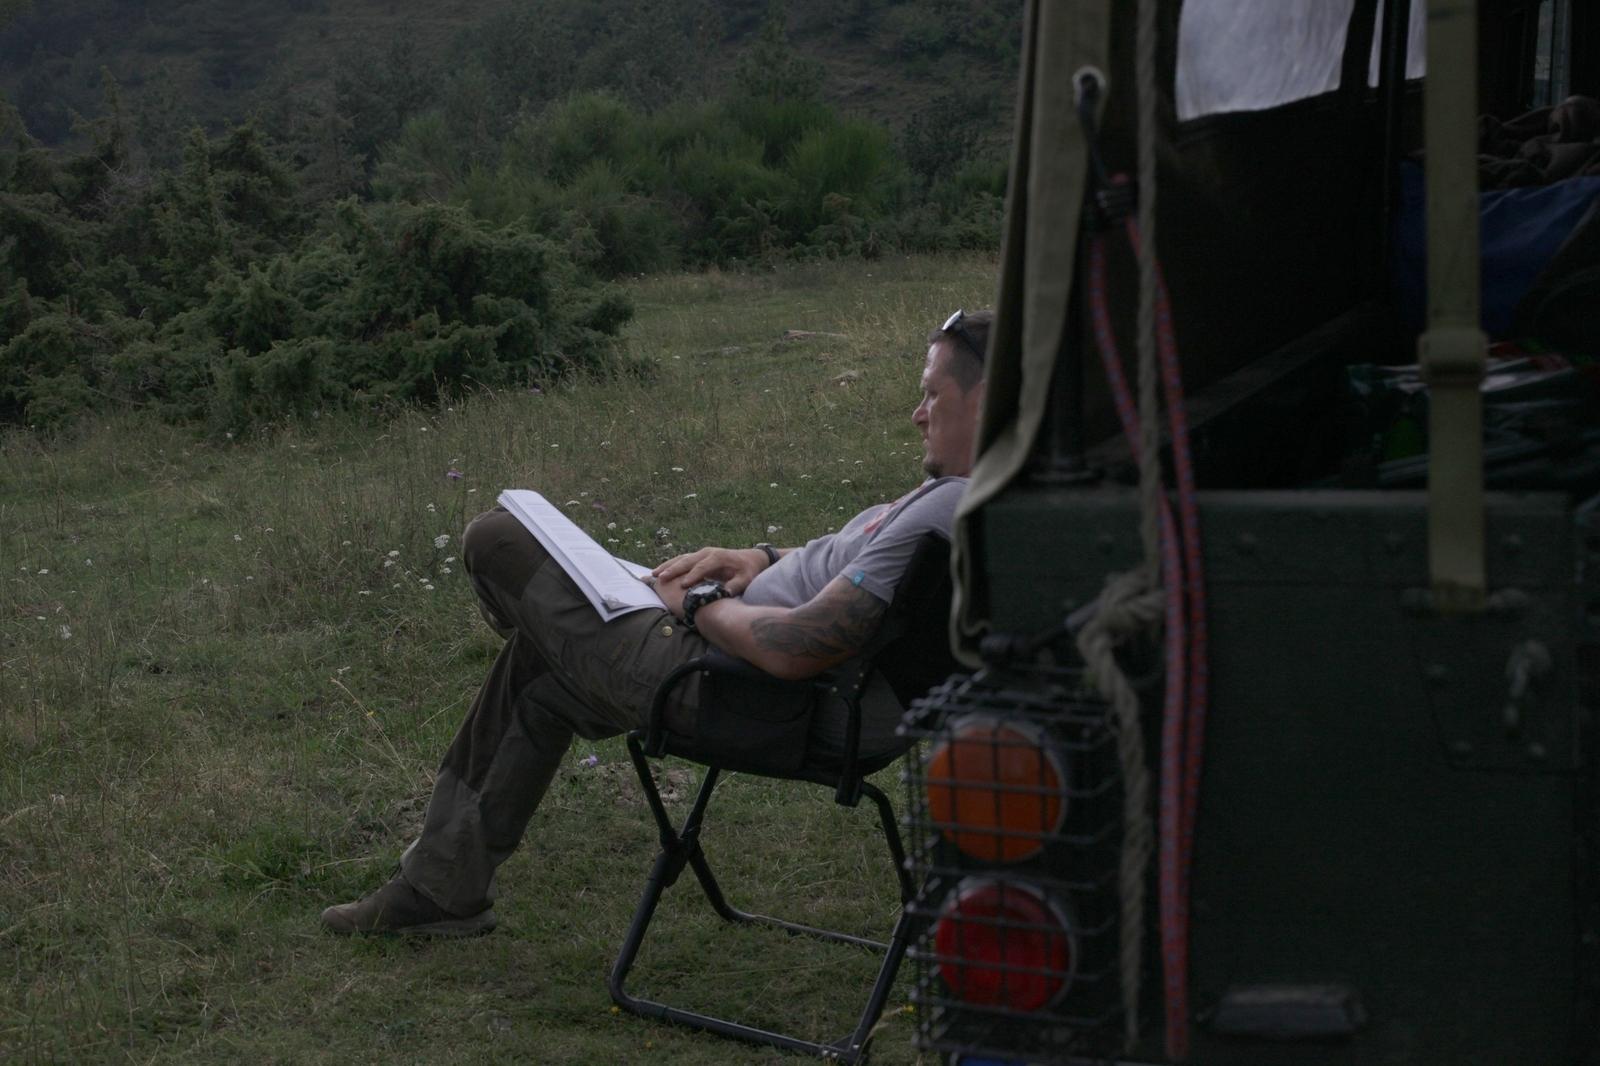 Entspannt lesen - schließlich sind wir ja im Urlaub.